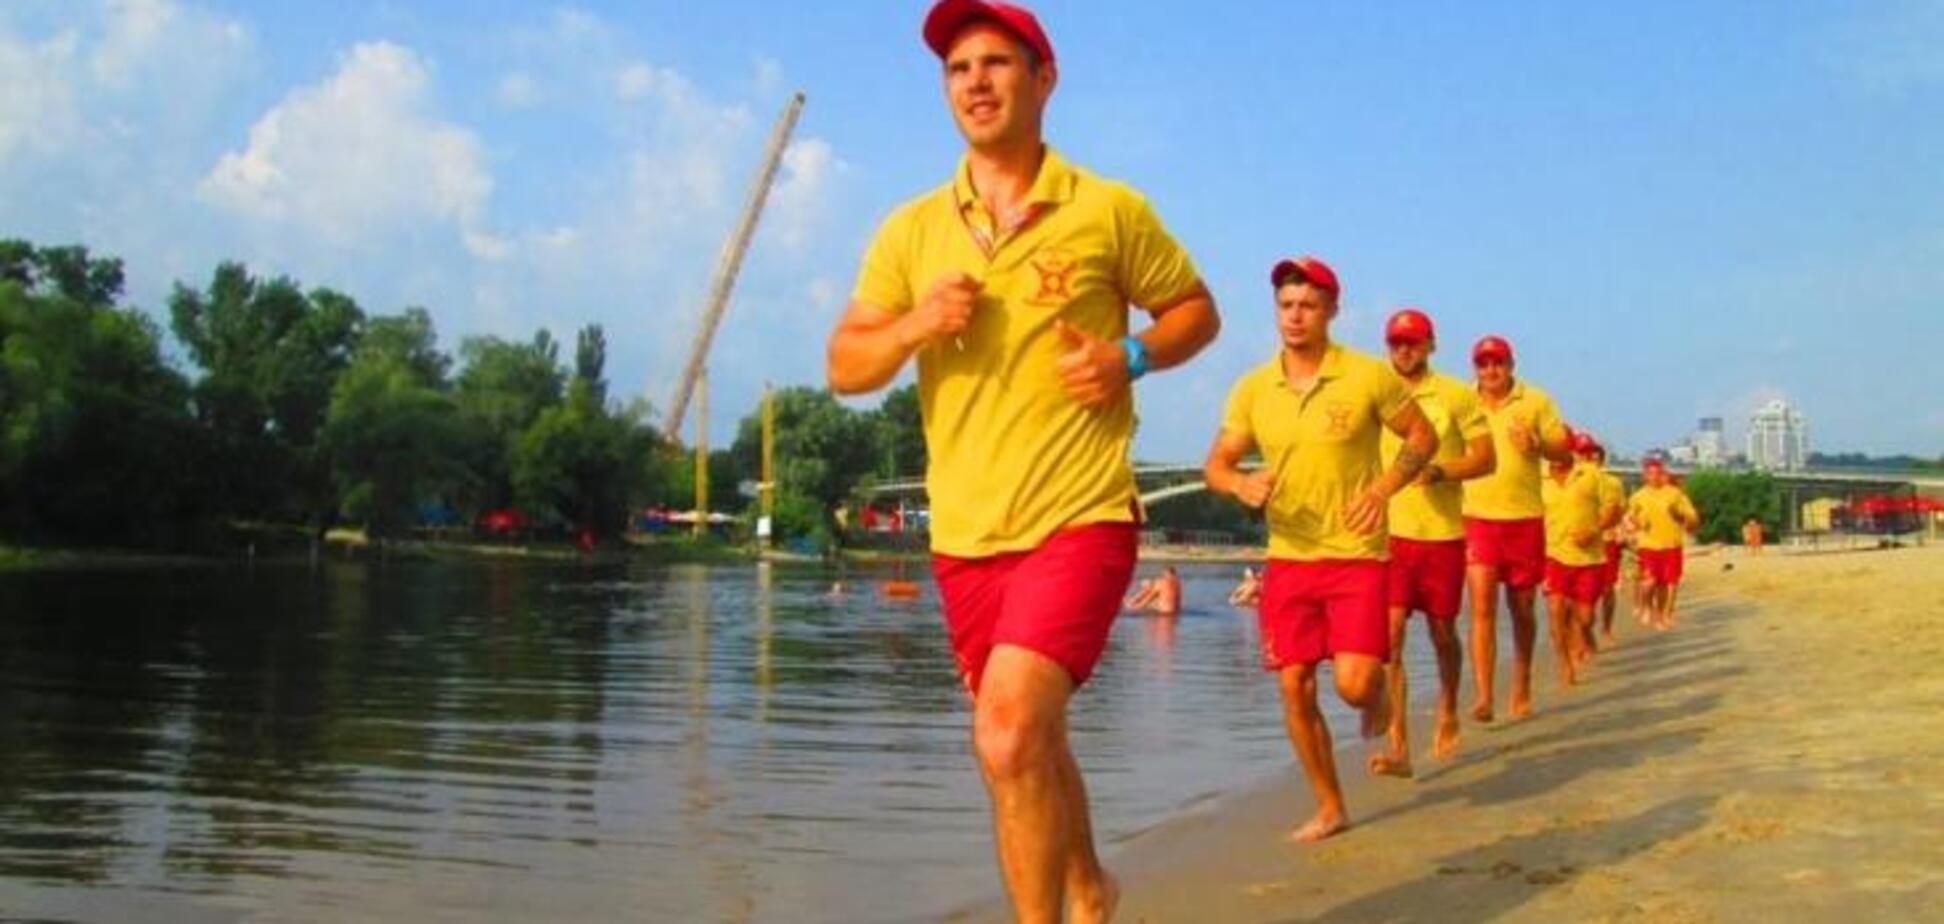 Пляжных спасателей в Украине хотят строго наказывать